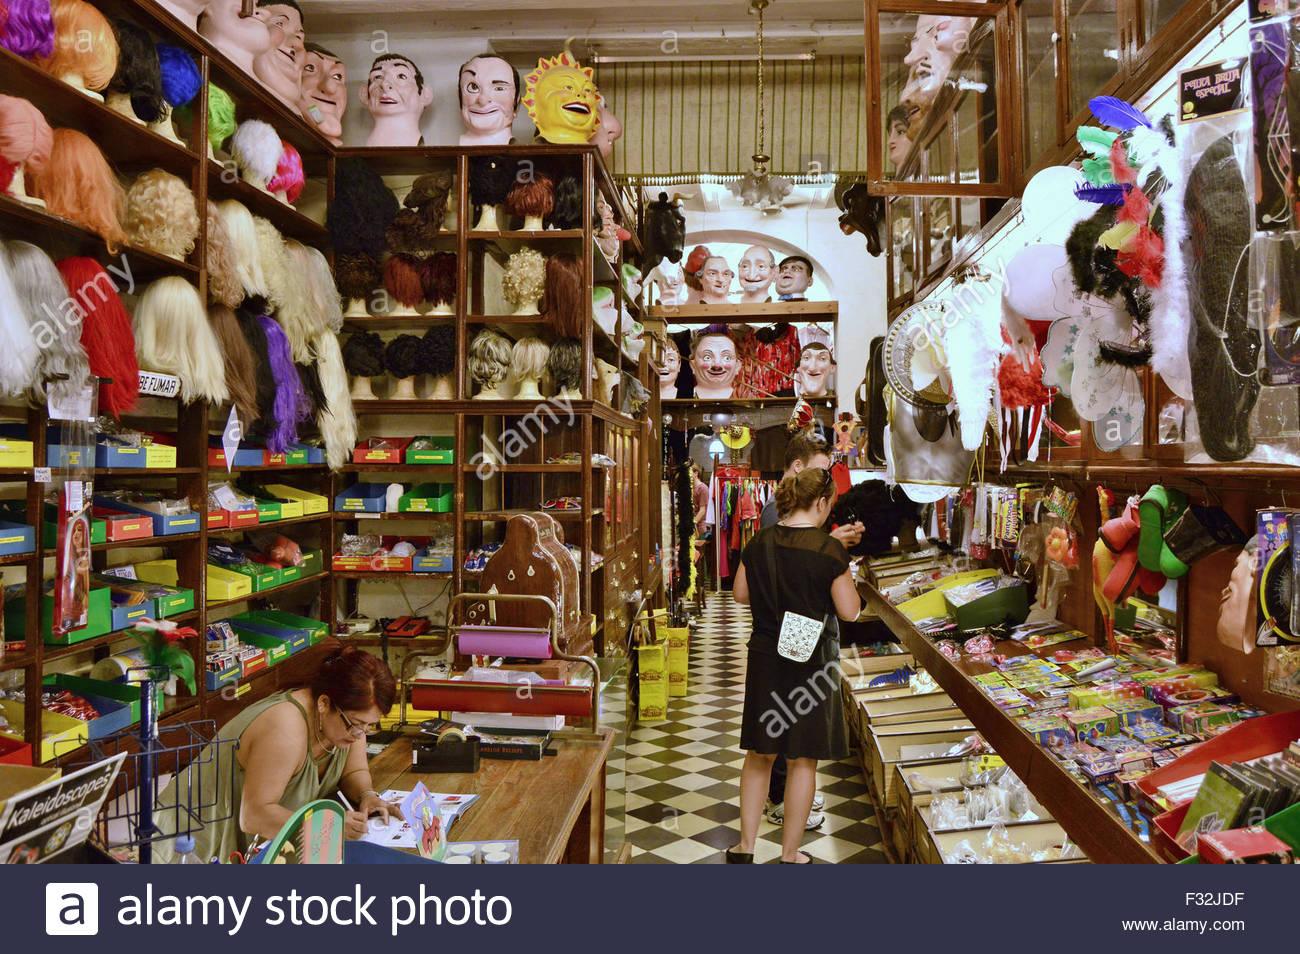 La tête pleine de fantaisie, de masques et perruques partie produits boutique dans la vieille ville de Barcelone Photo Stock